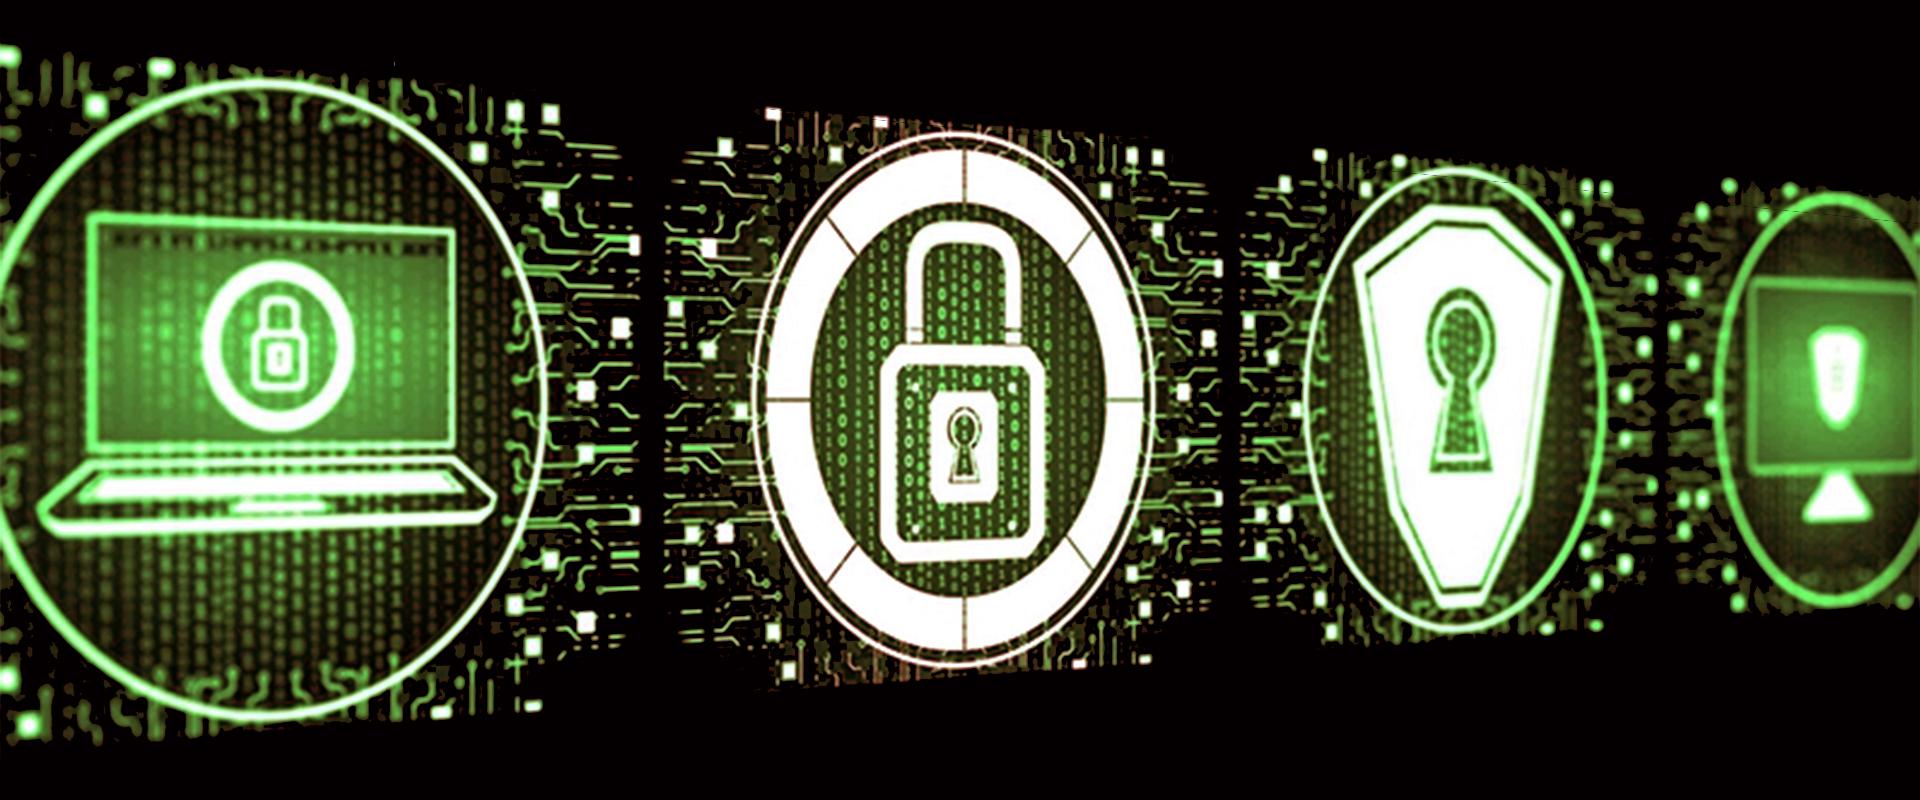 Servicios de seguridad informática